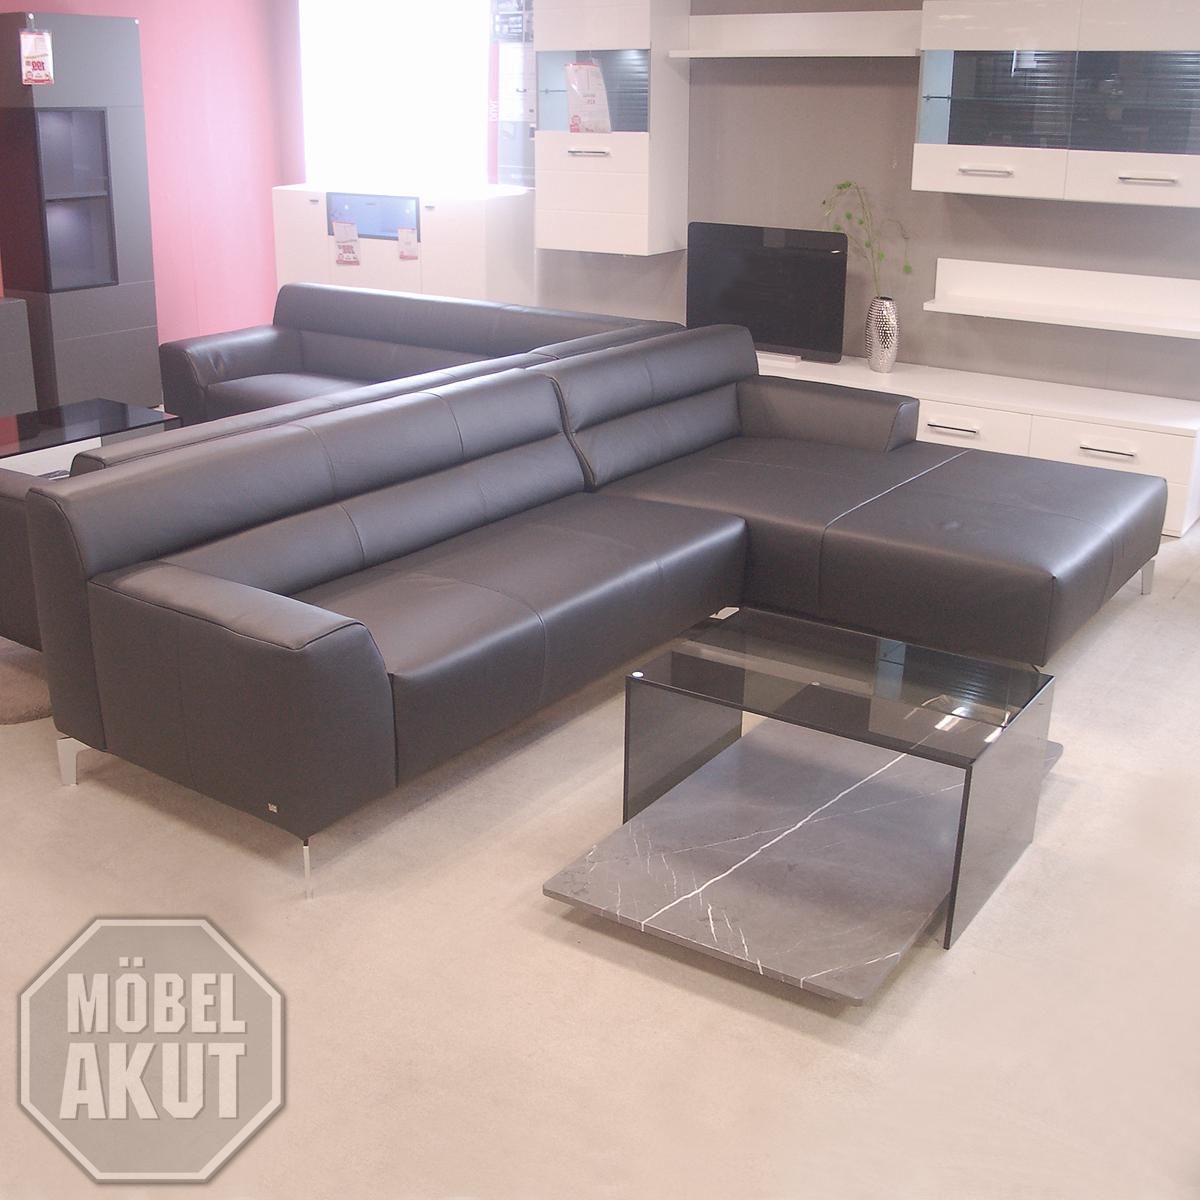 sofa rolf benz neo sob 300 mit ottomane rechts in leder. Black Bedroom Furniture Sets. Home Design Ideas